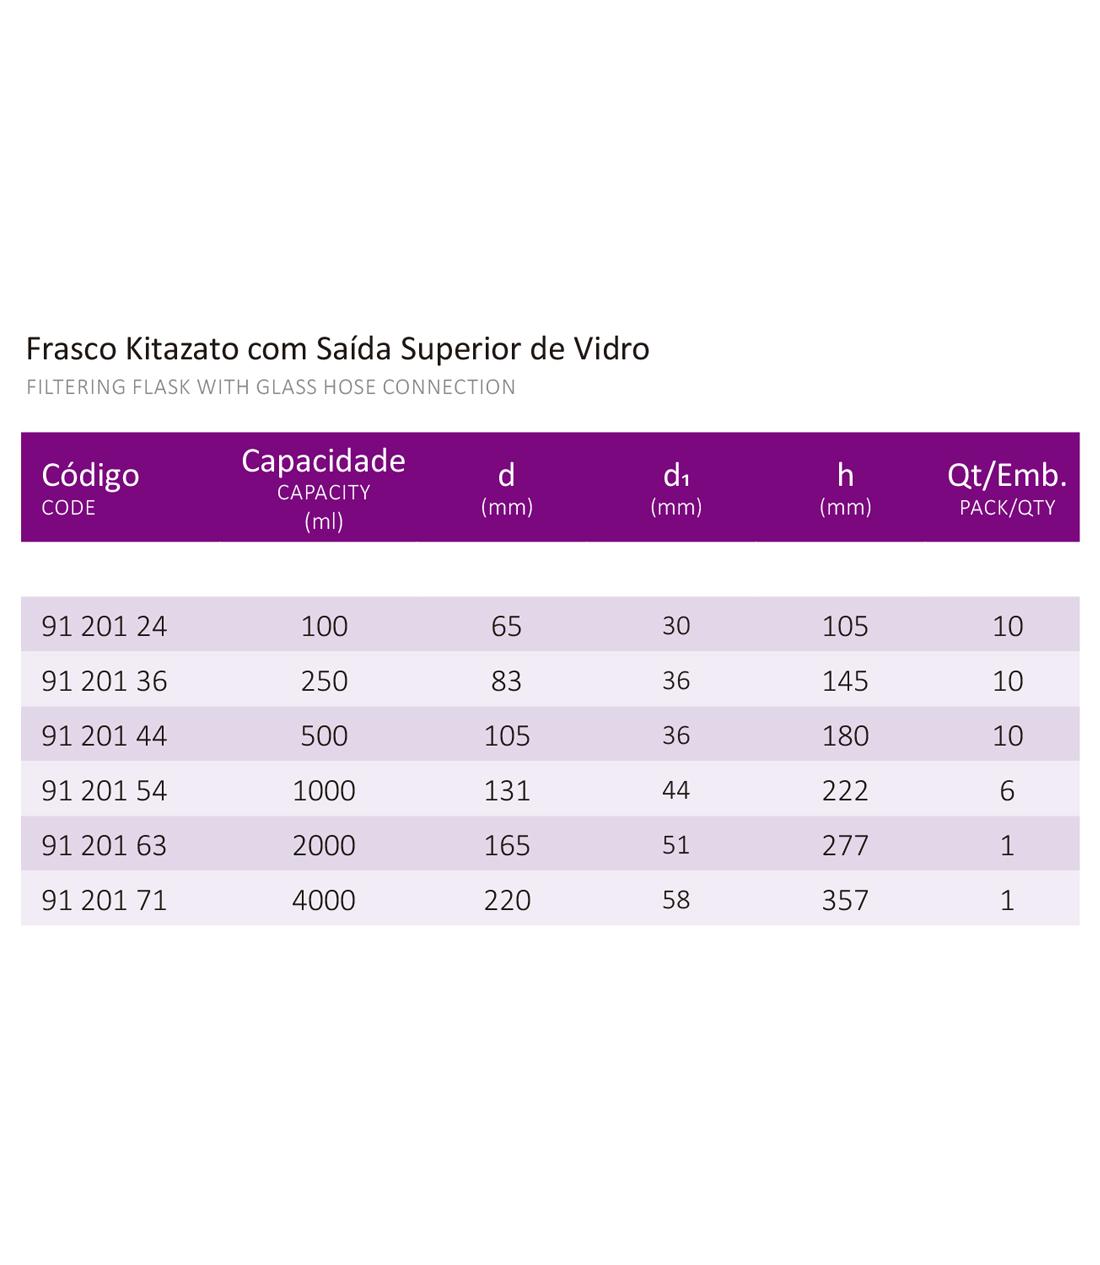 FRASCO KITAZATO SAÍDA SUPERIOR DE VIDRO 4000 ML - Laborglas - Cód. 9120171